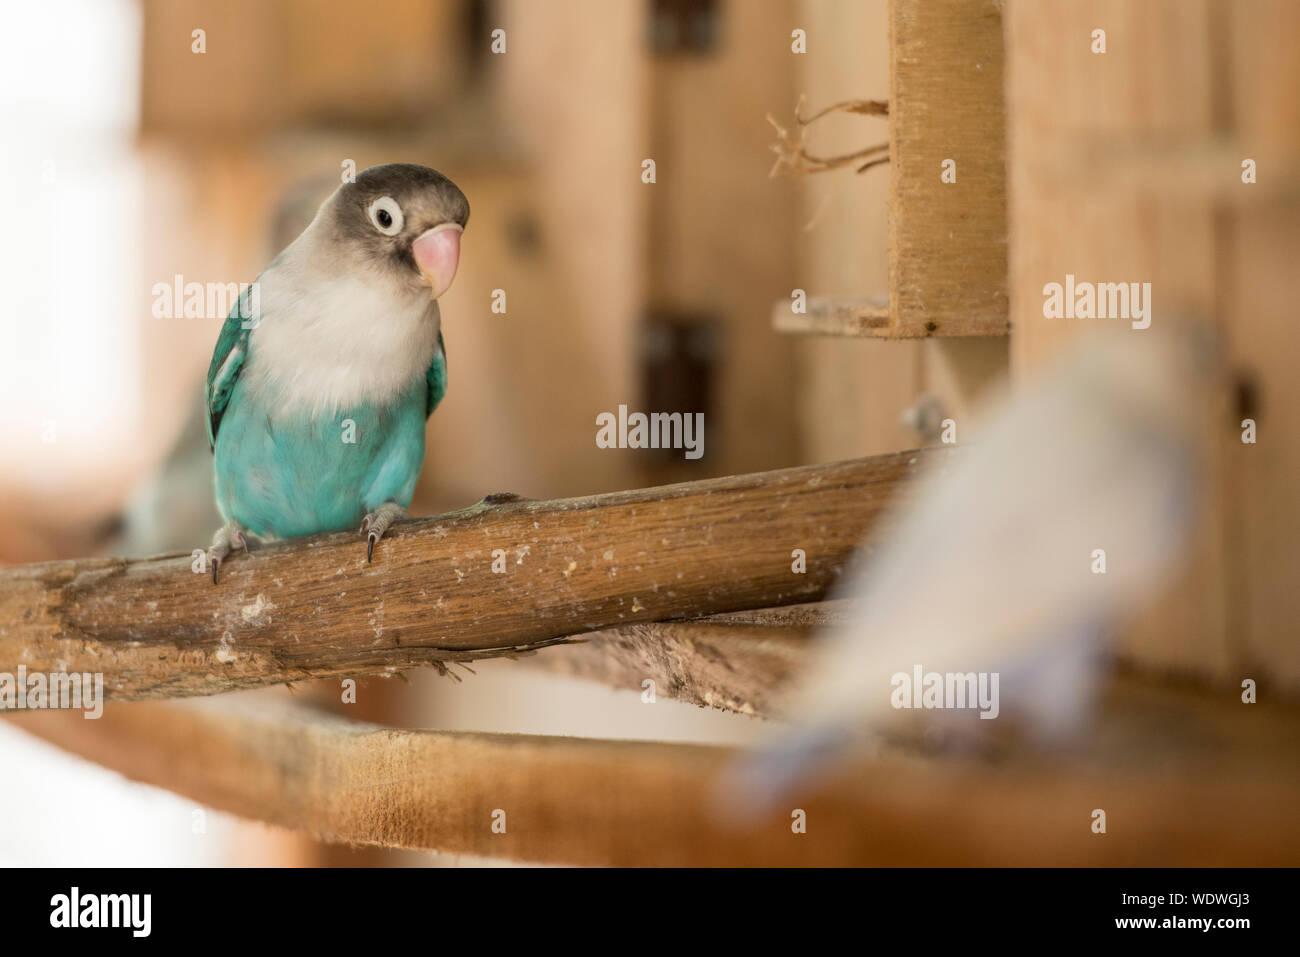 Lovebird Birds Lovebird Blue Cobalt Pets For Mating Stock Photo Alamy